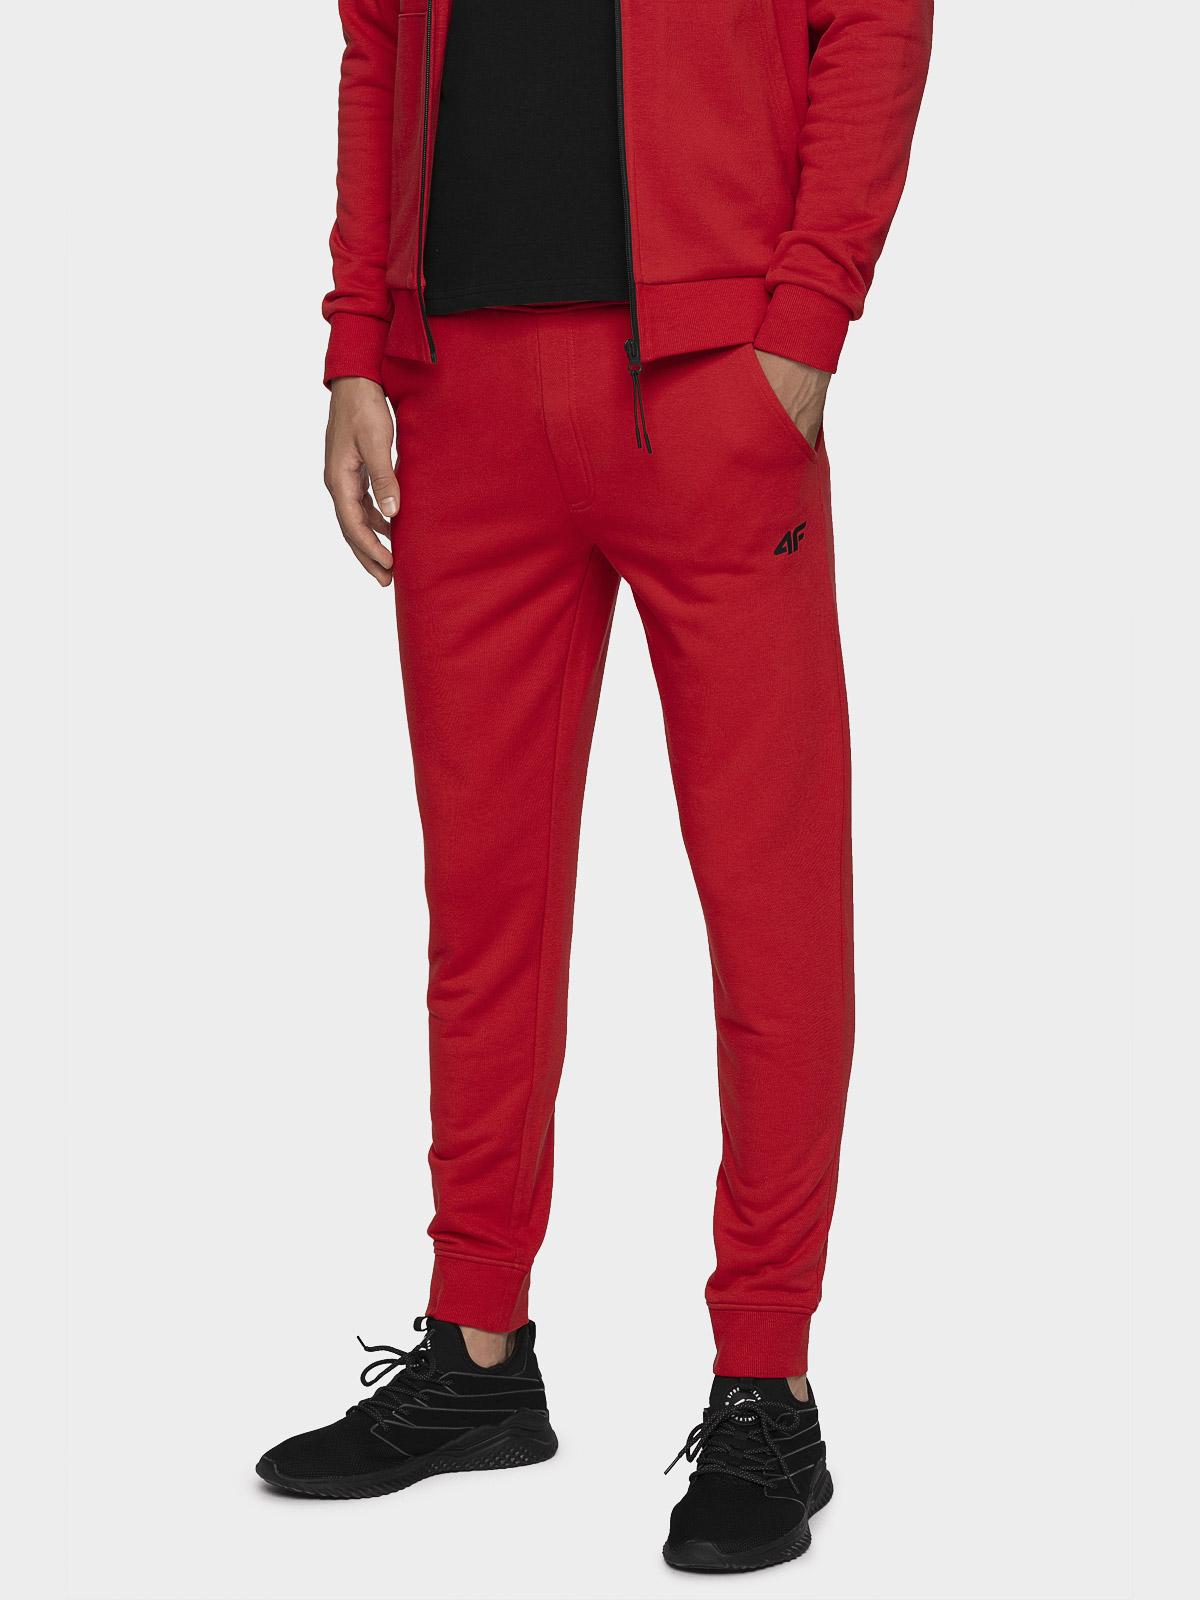 Spodnie dresowe męskie SPMD300 - czerwony